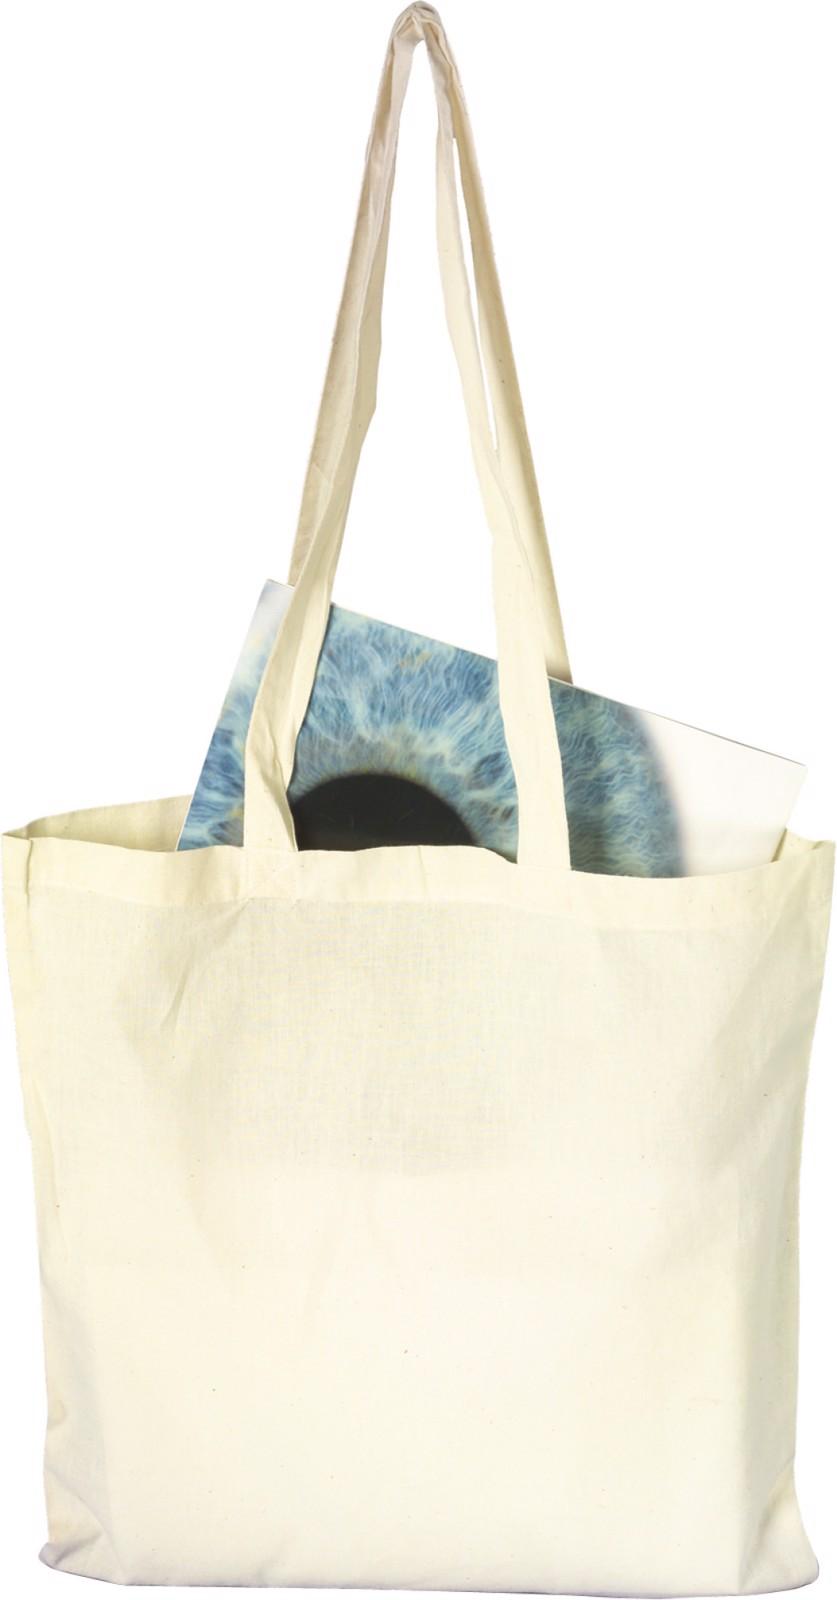 Cotton (110 gr/m²) bag